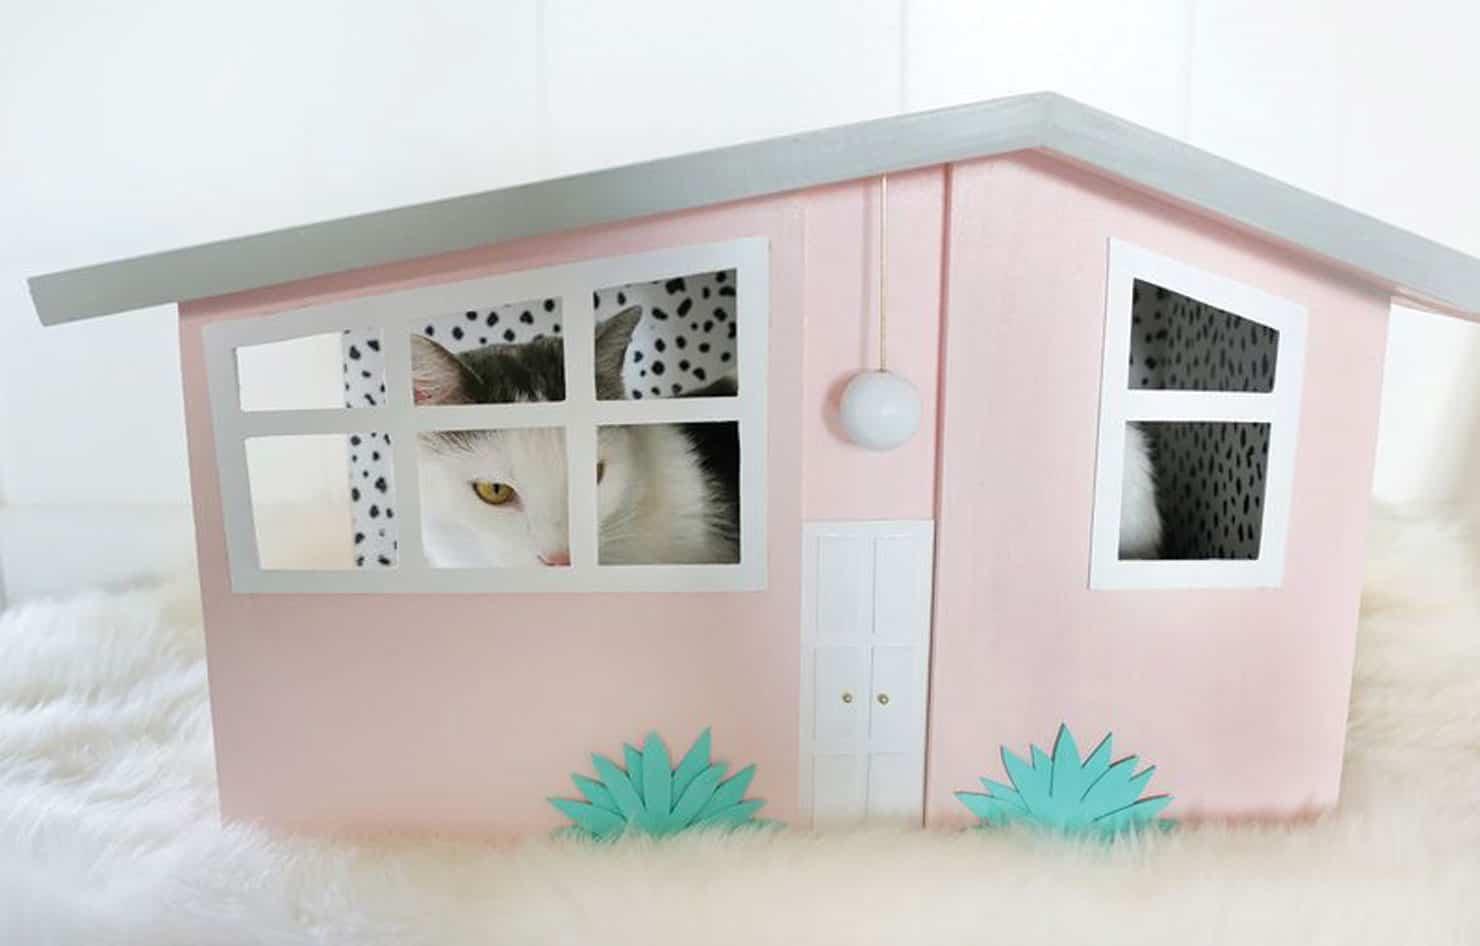 Mẫu nhà thùng giấy cho mèo 4